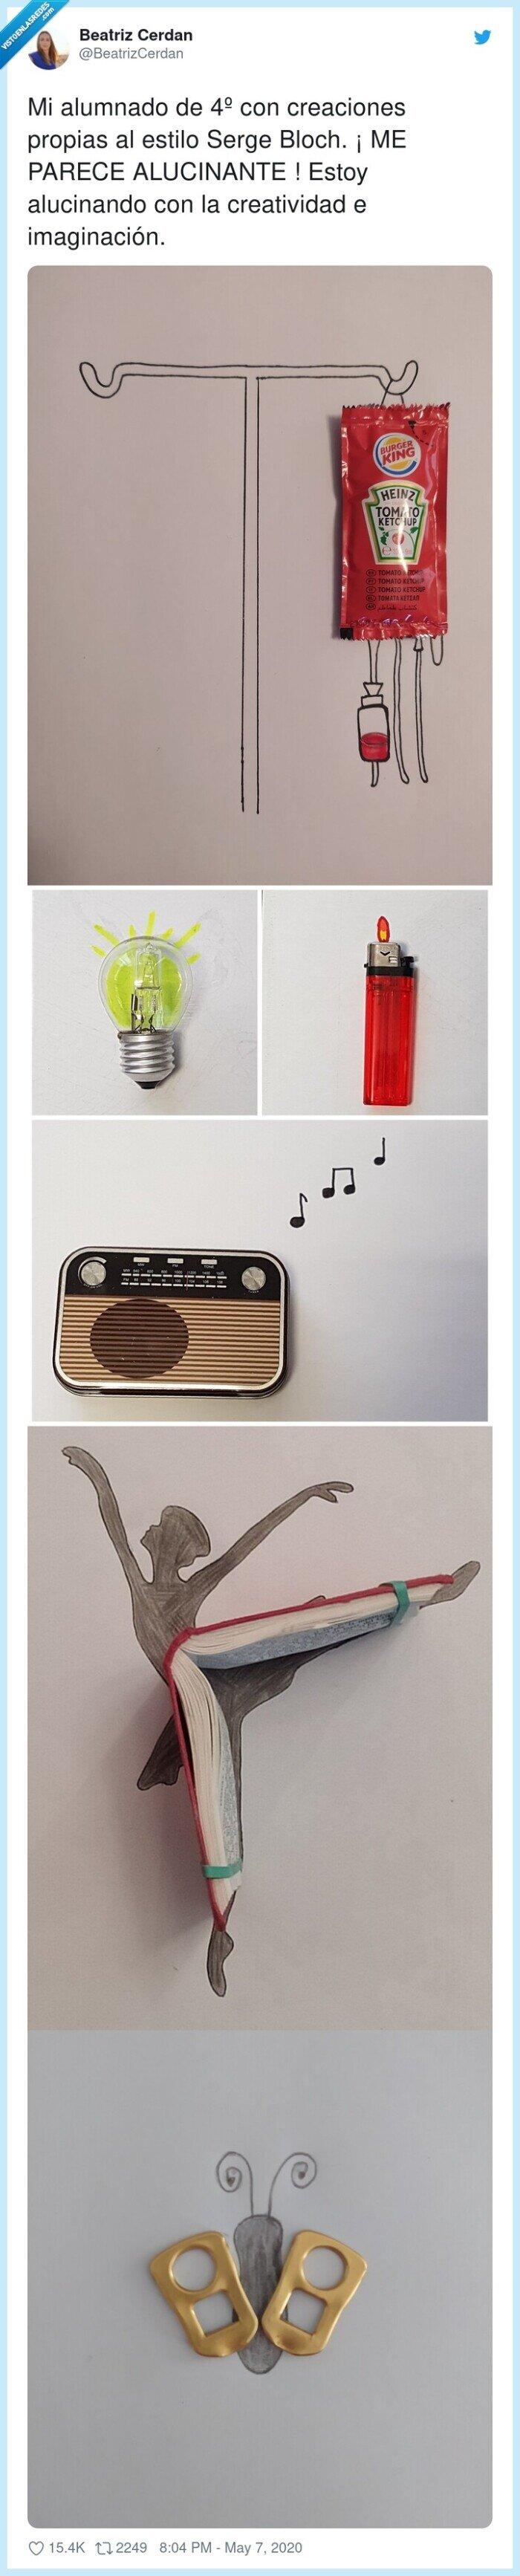 575815 - Sus alumnos de 4 de ESO hacen unas creaciones con lo que tienen en casa dignas de museo, por @BeatrizCerdan